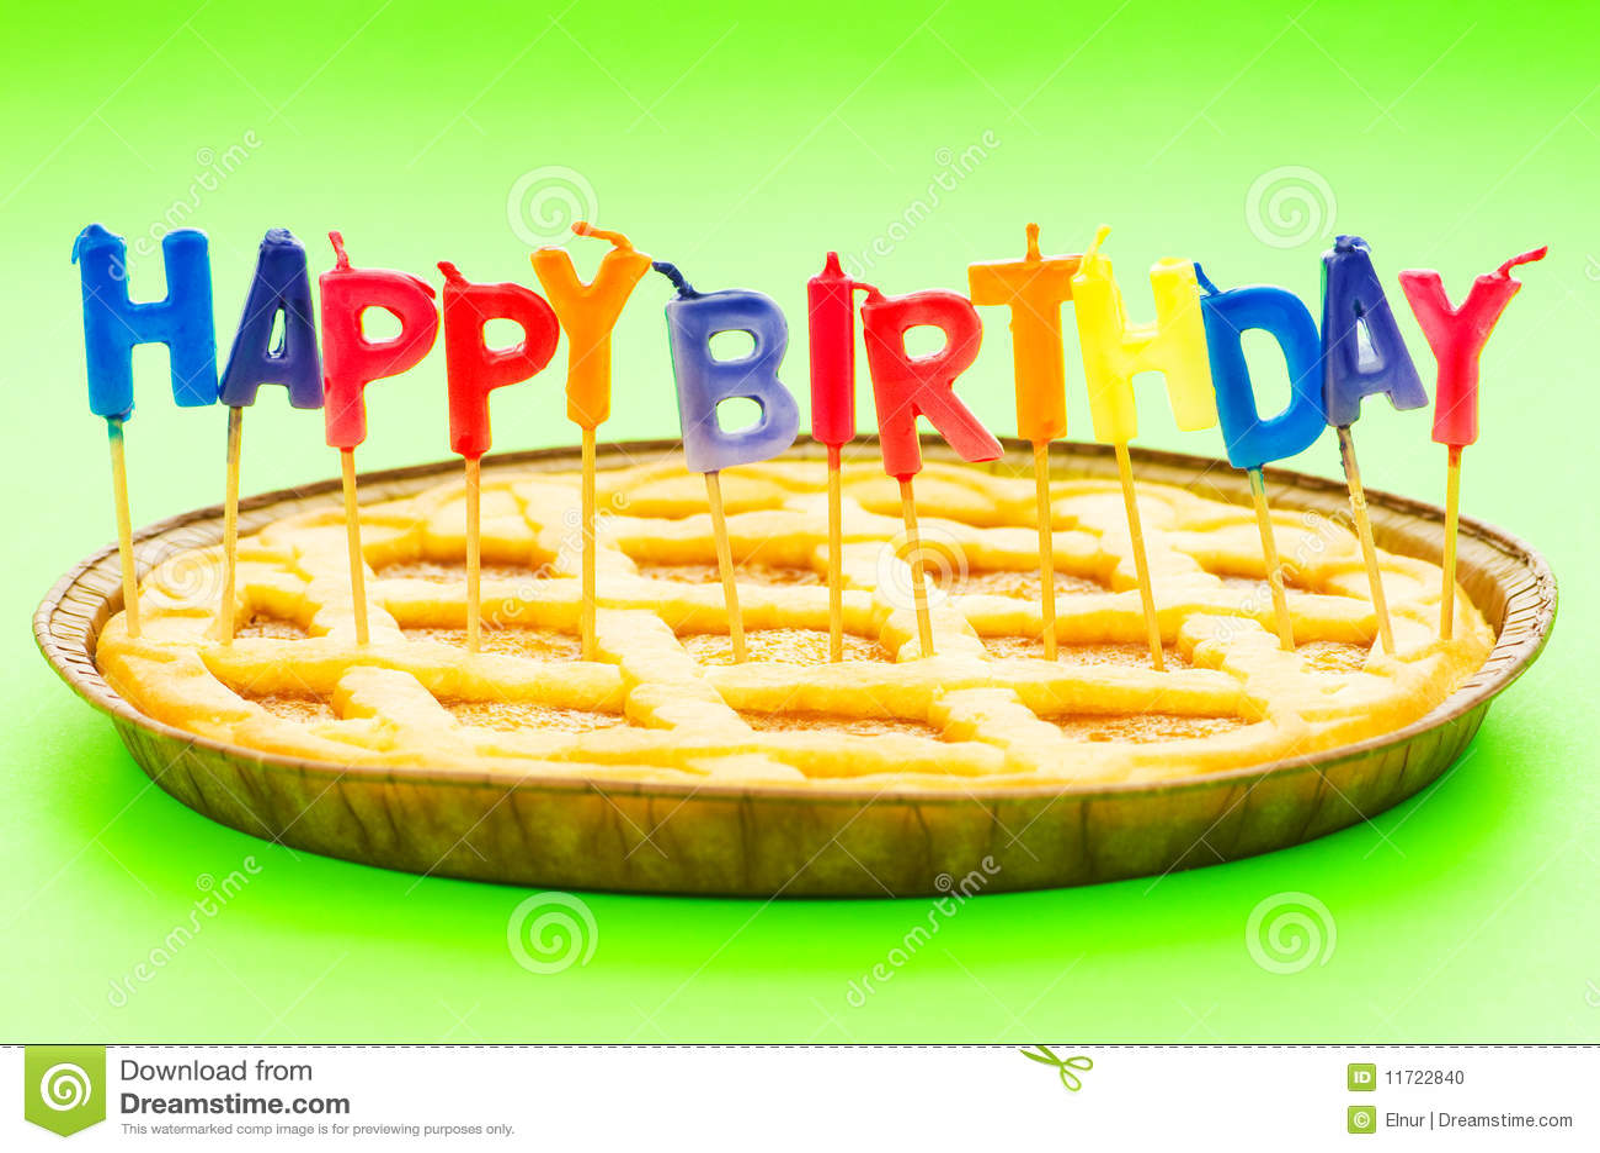 Birthday Pie Cake